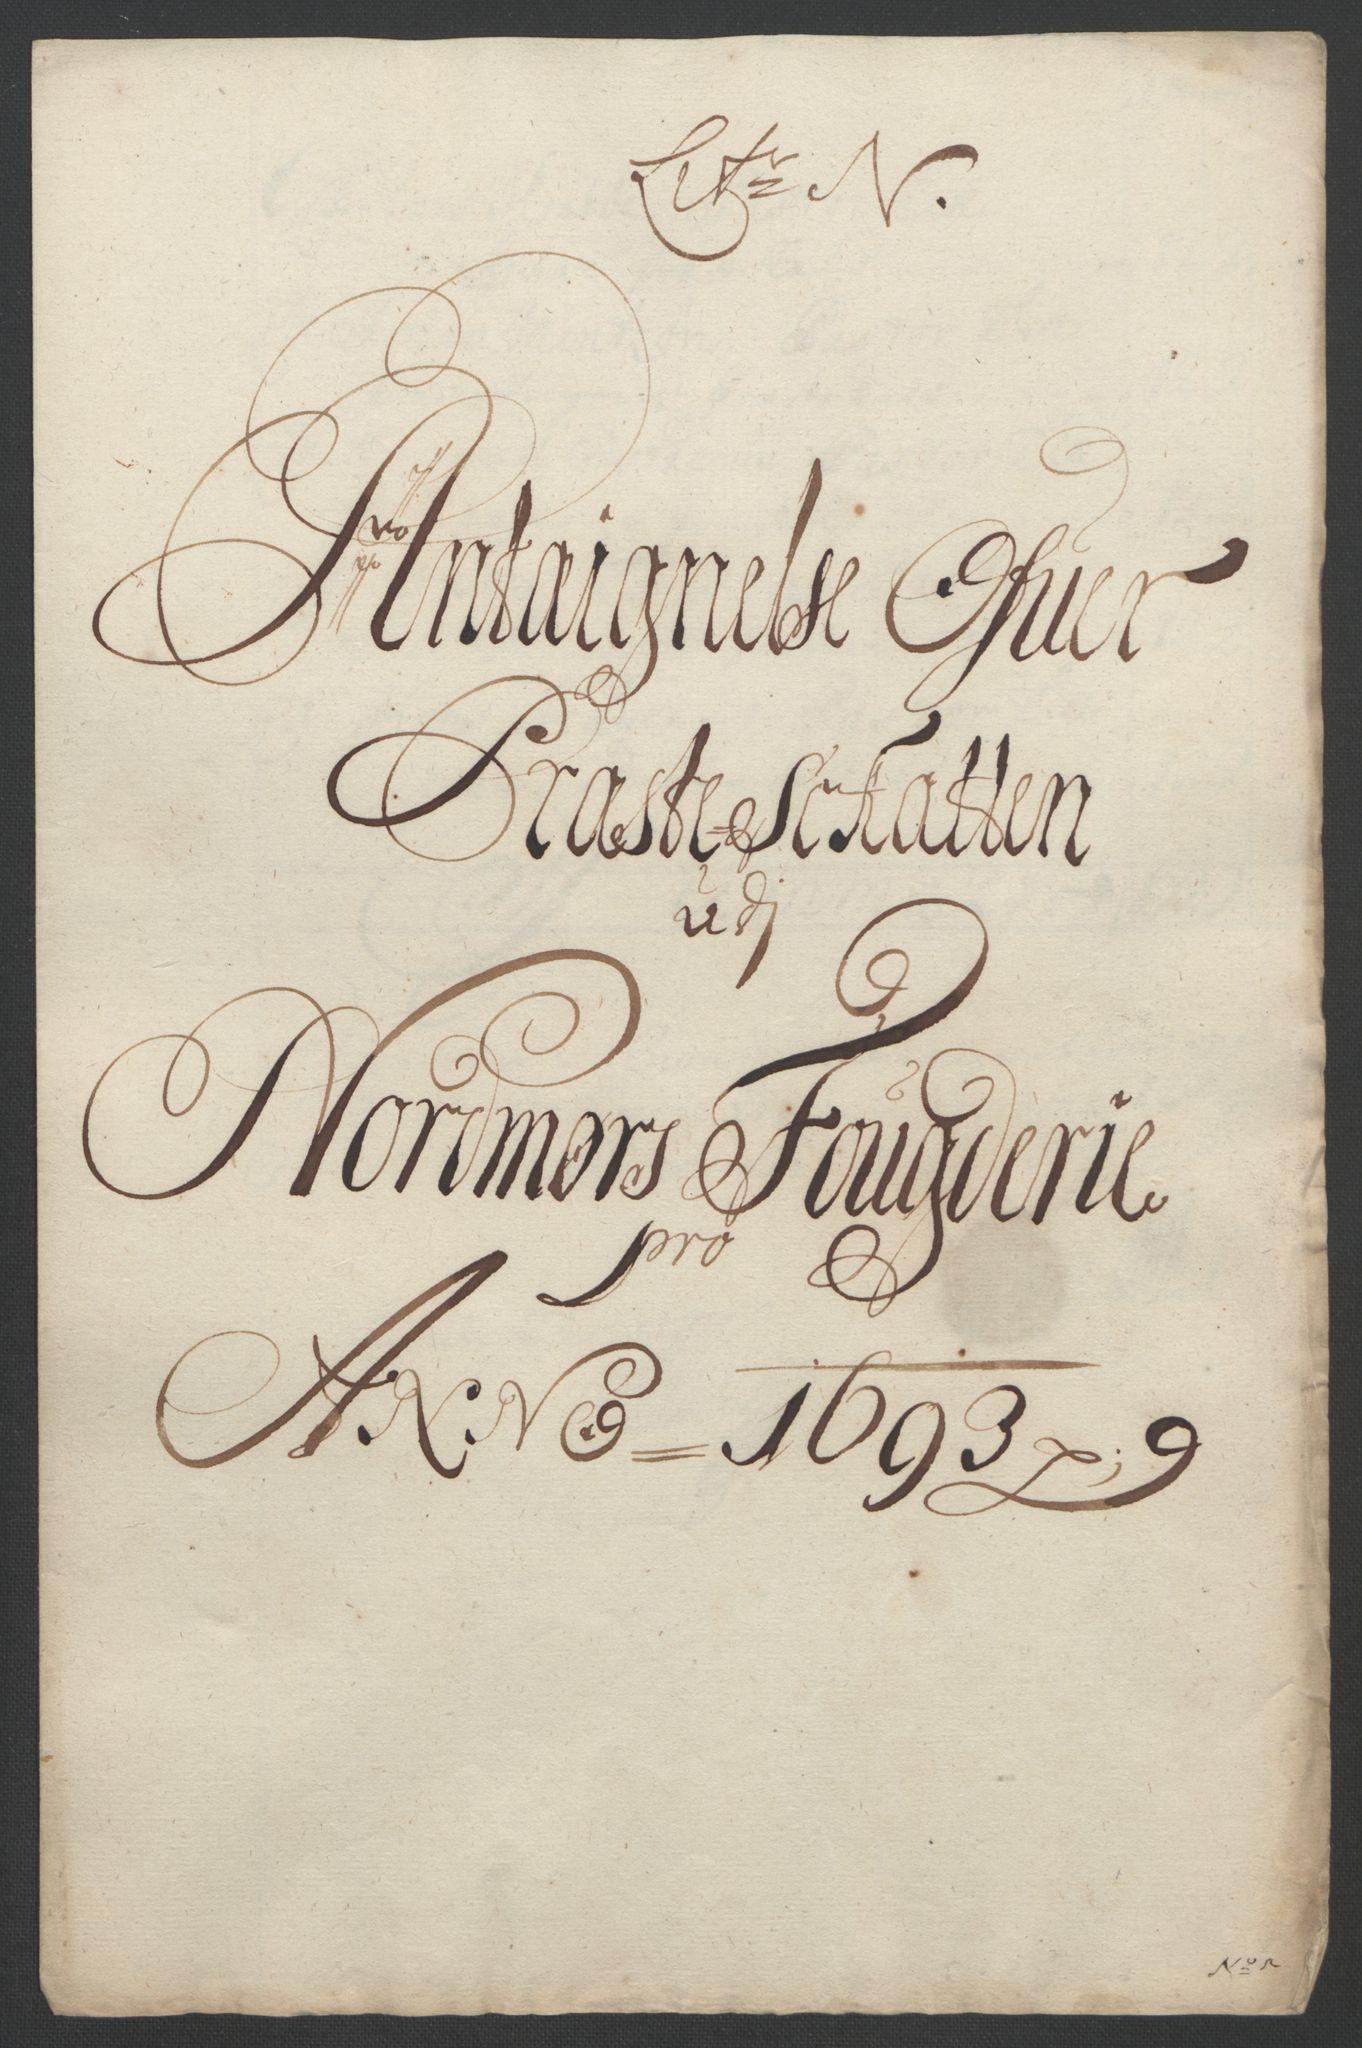 RA, Rentekammeret inntil 1814, Reviderte regnskaper, Fogderegnskap, R56/L3735: Fogderegnskap Nordmøre, 1692-1693, s. 378